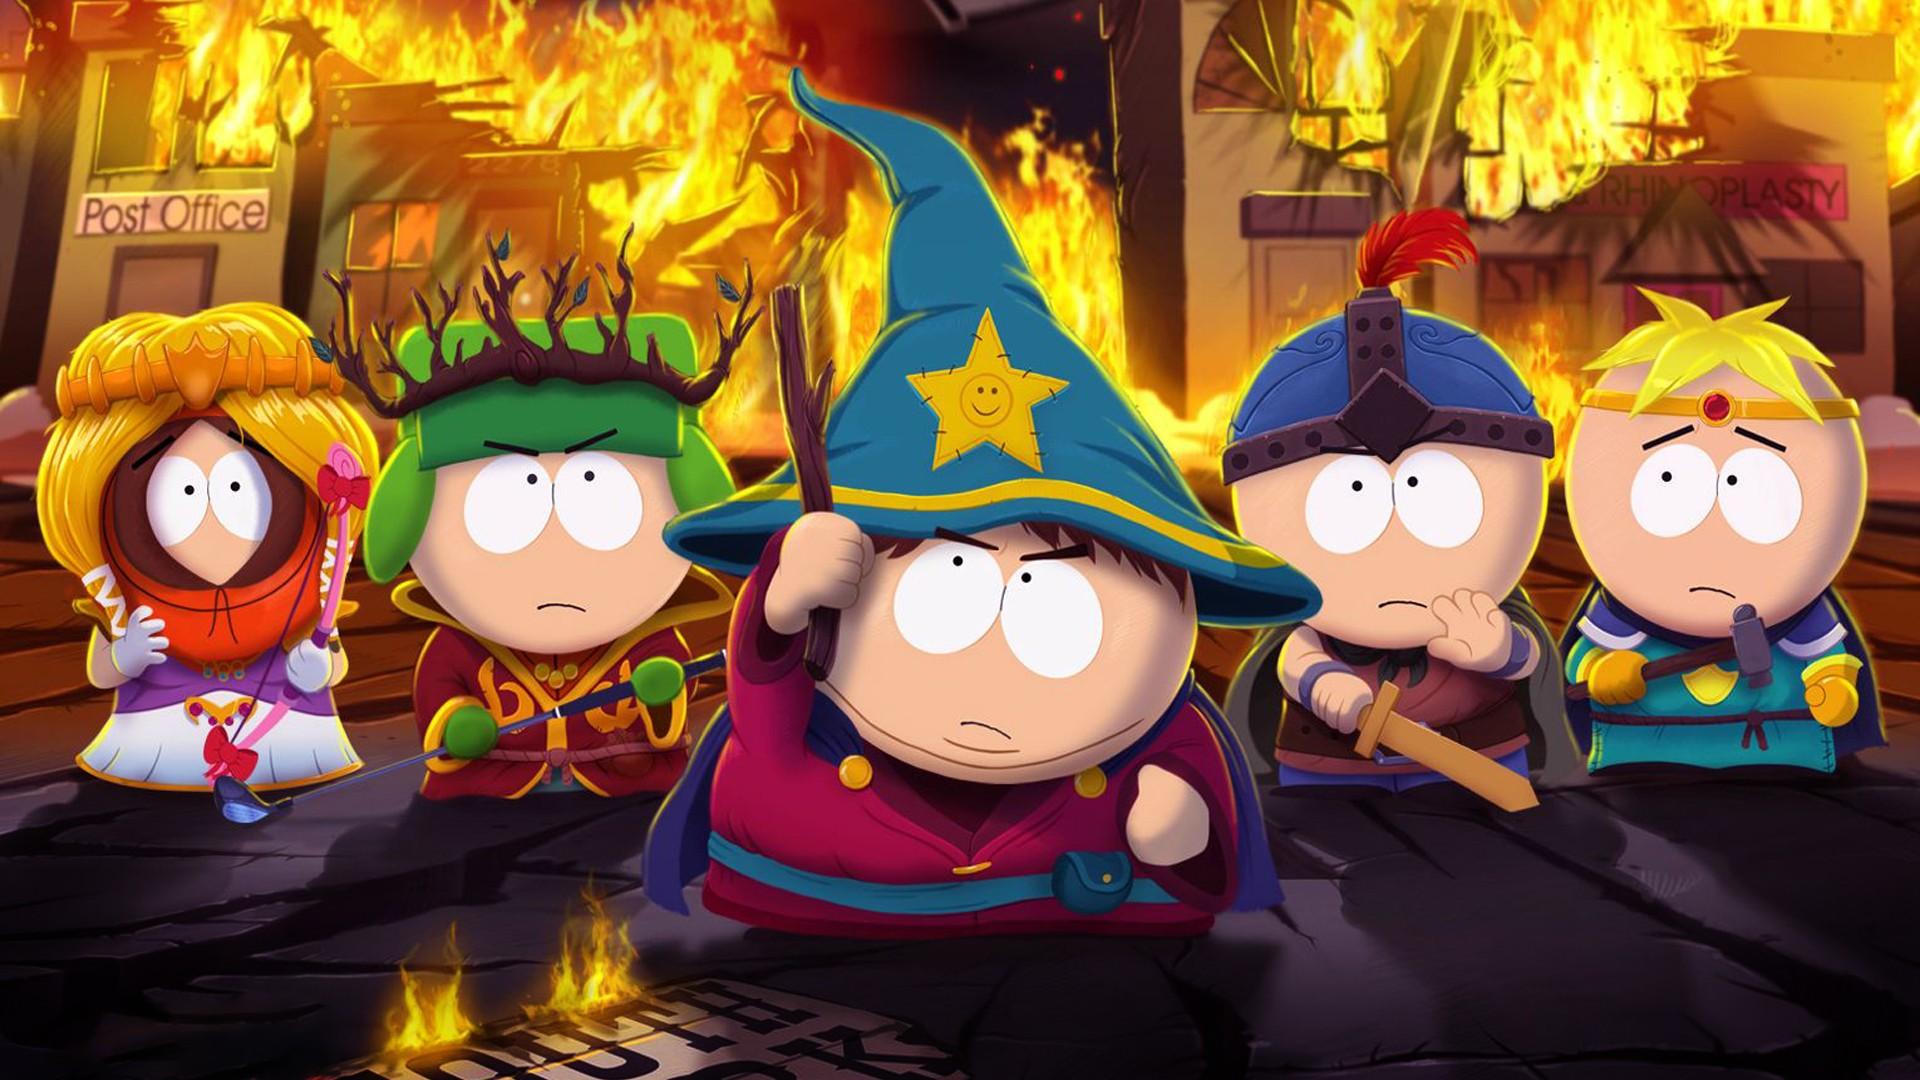 Hd South Park Wallpapers Wallpapersafari